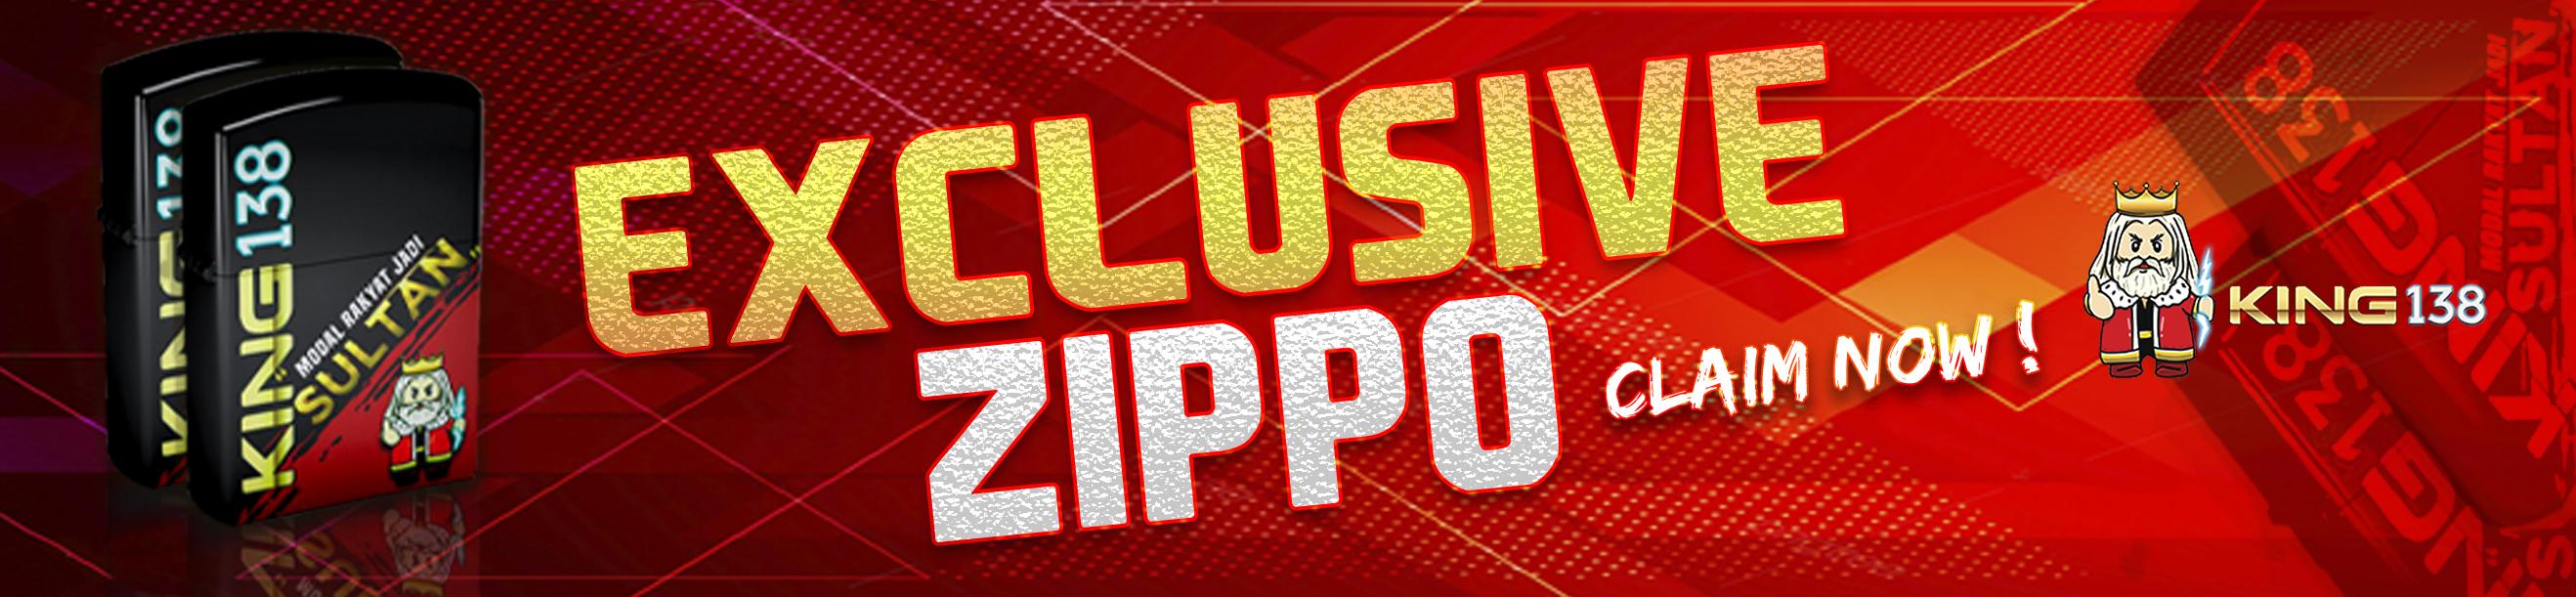 Zippo Exclusive